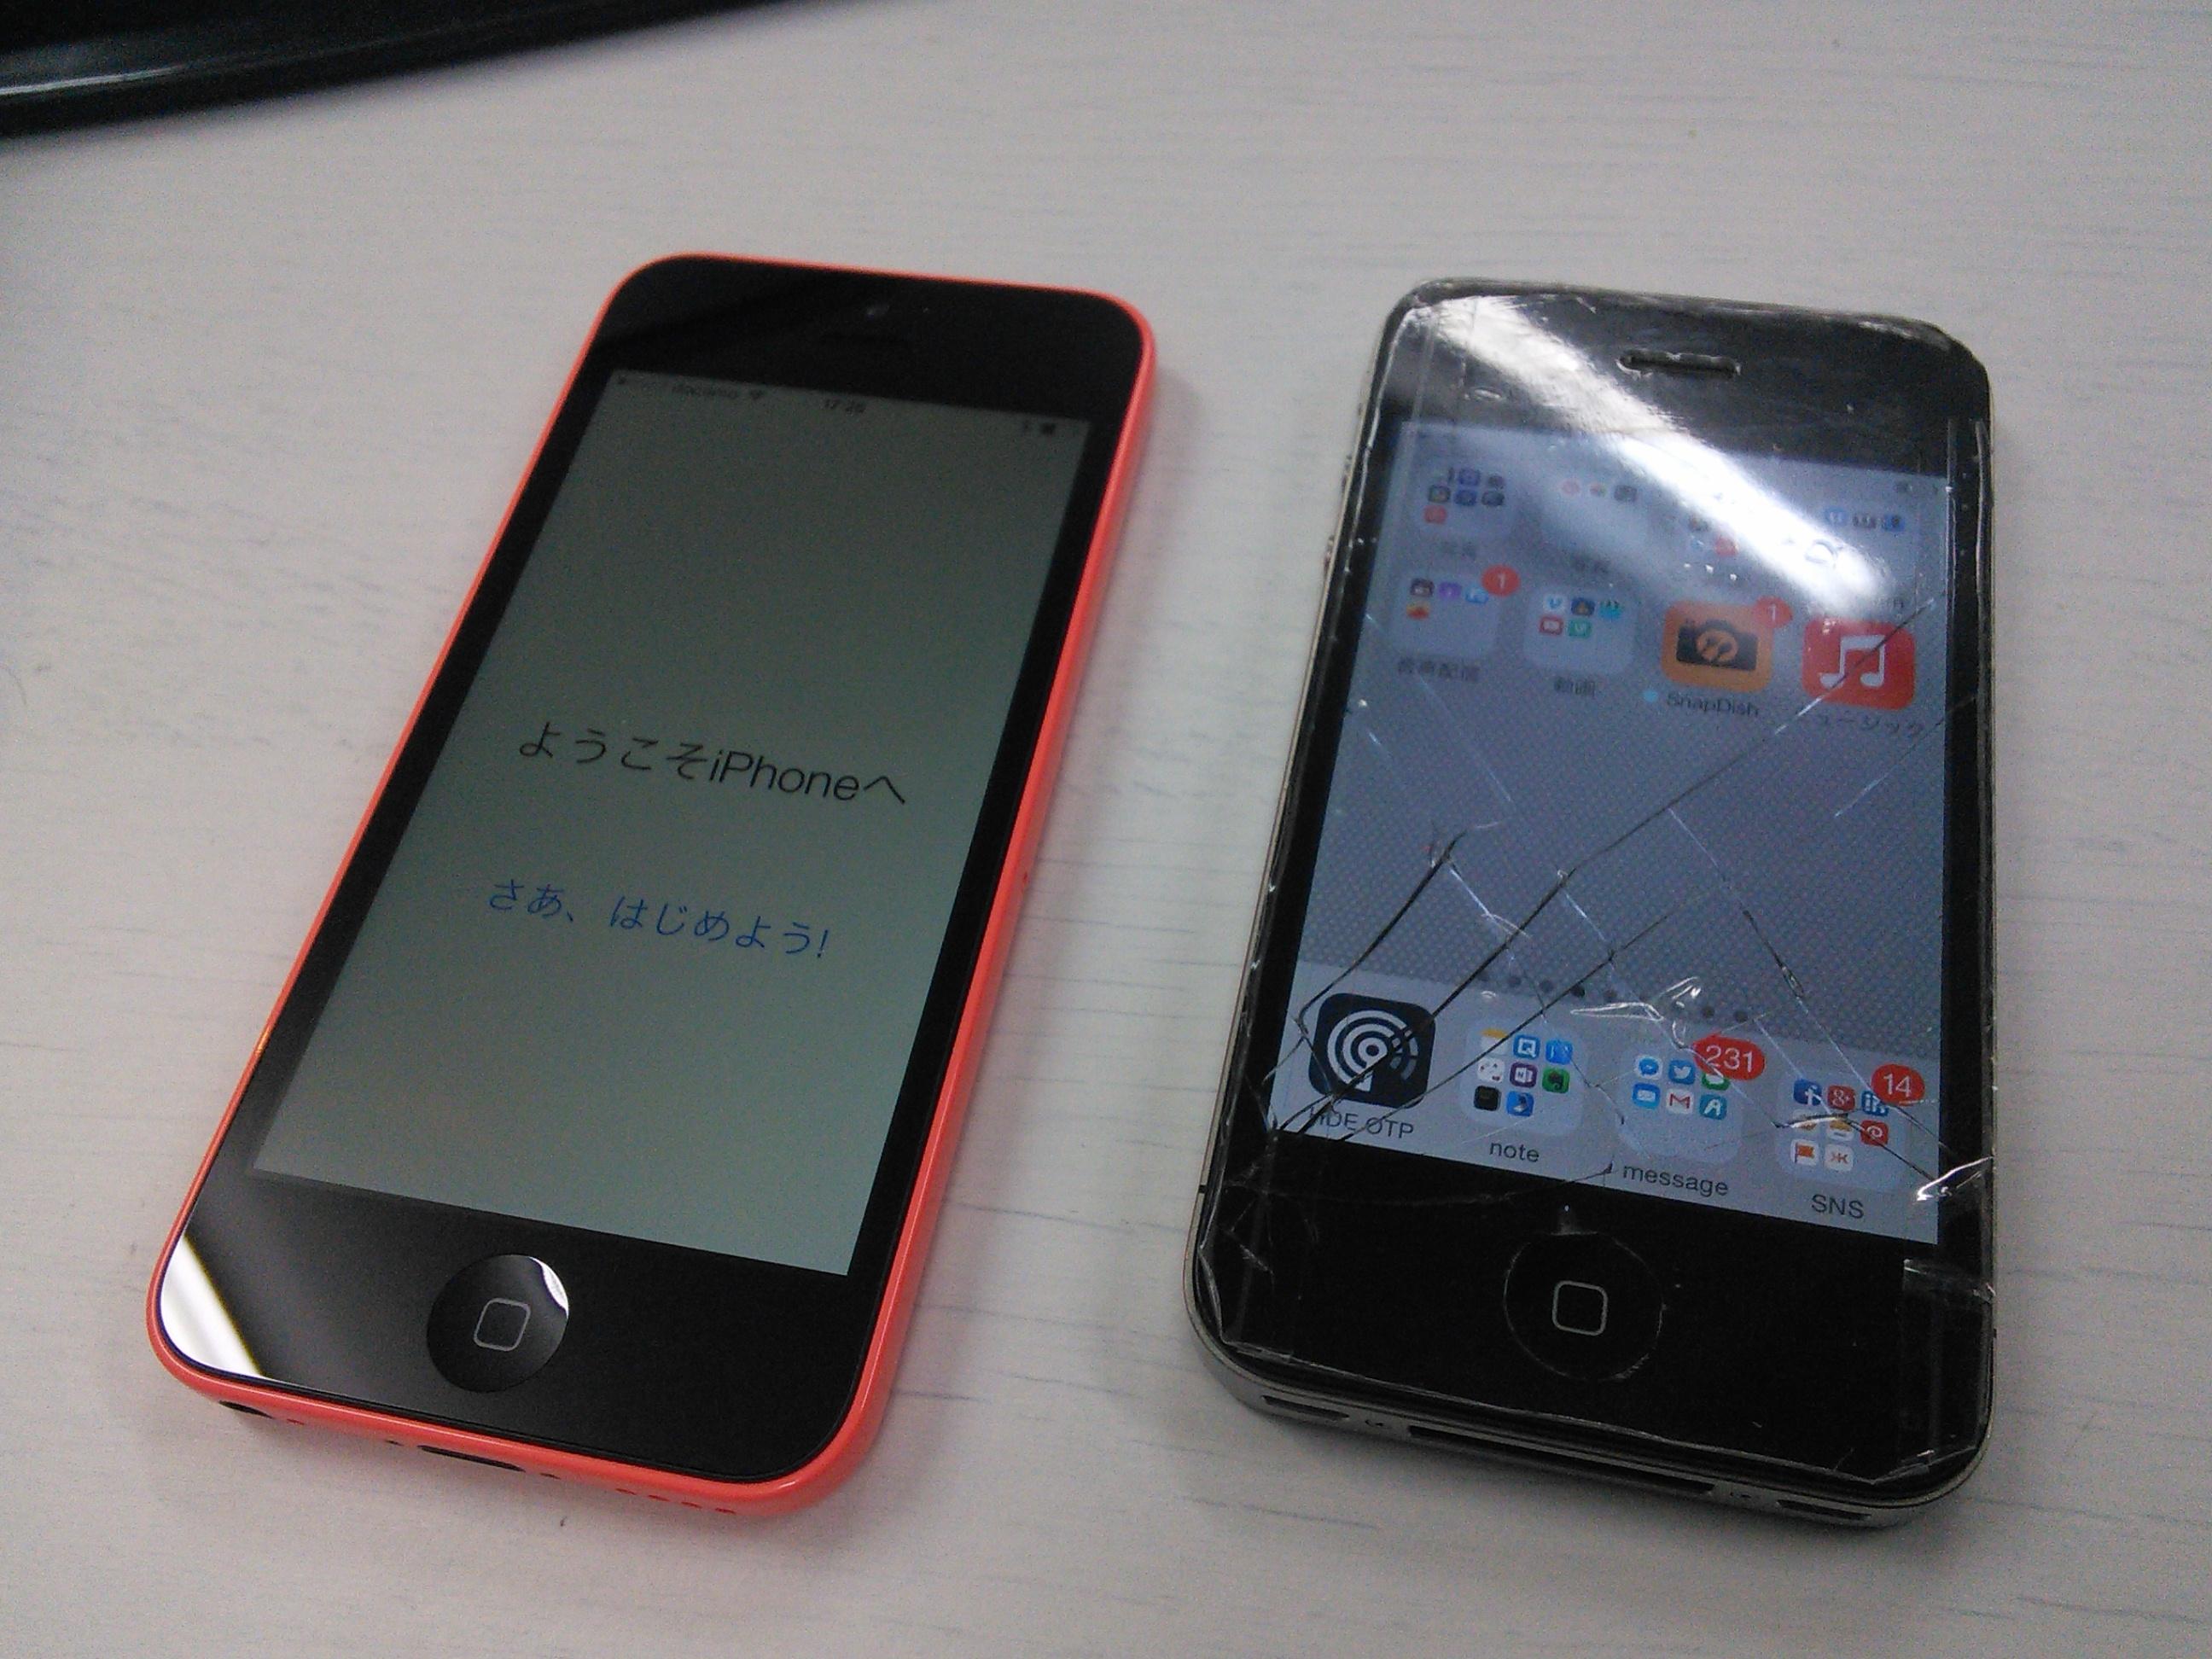 新旧iPhoneを並べてみる